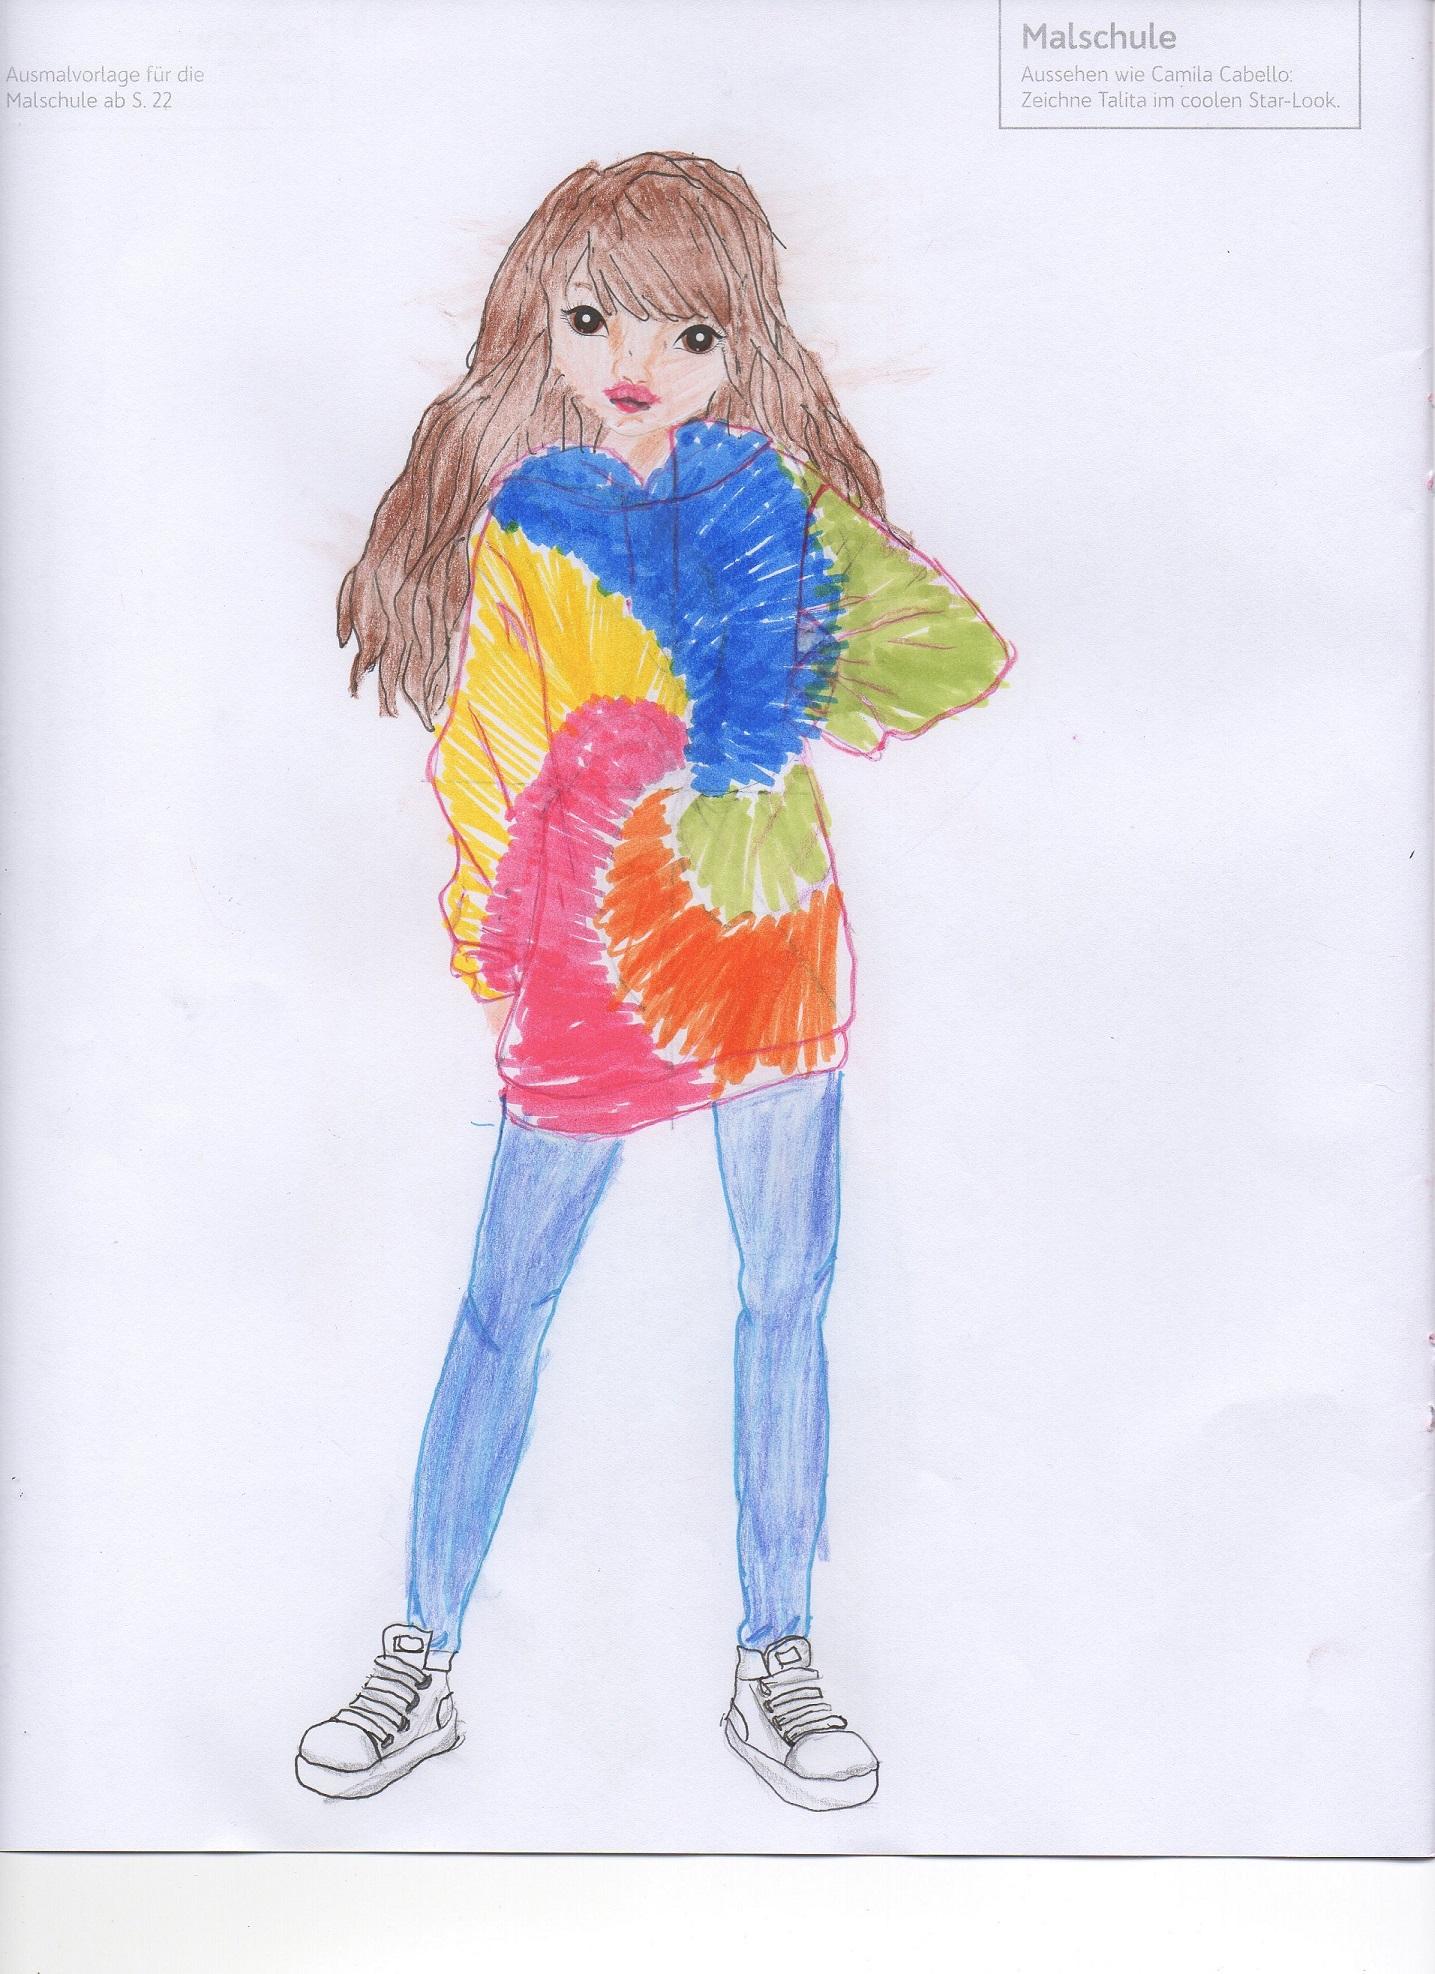 Lis D., 7 Jahre, aus Solingen